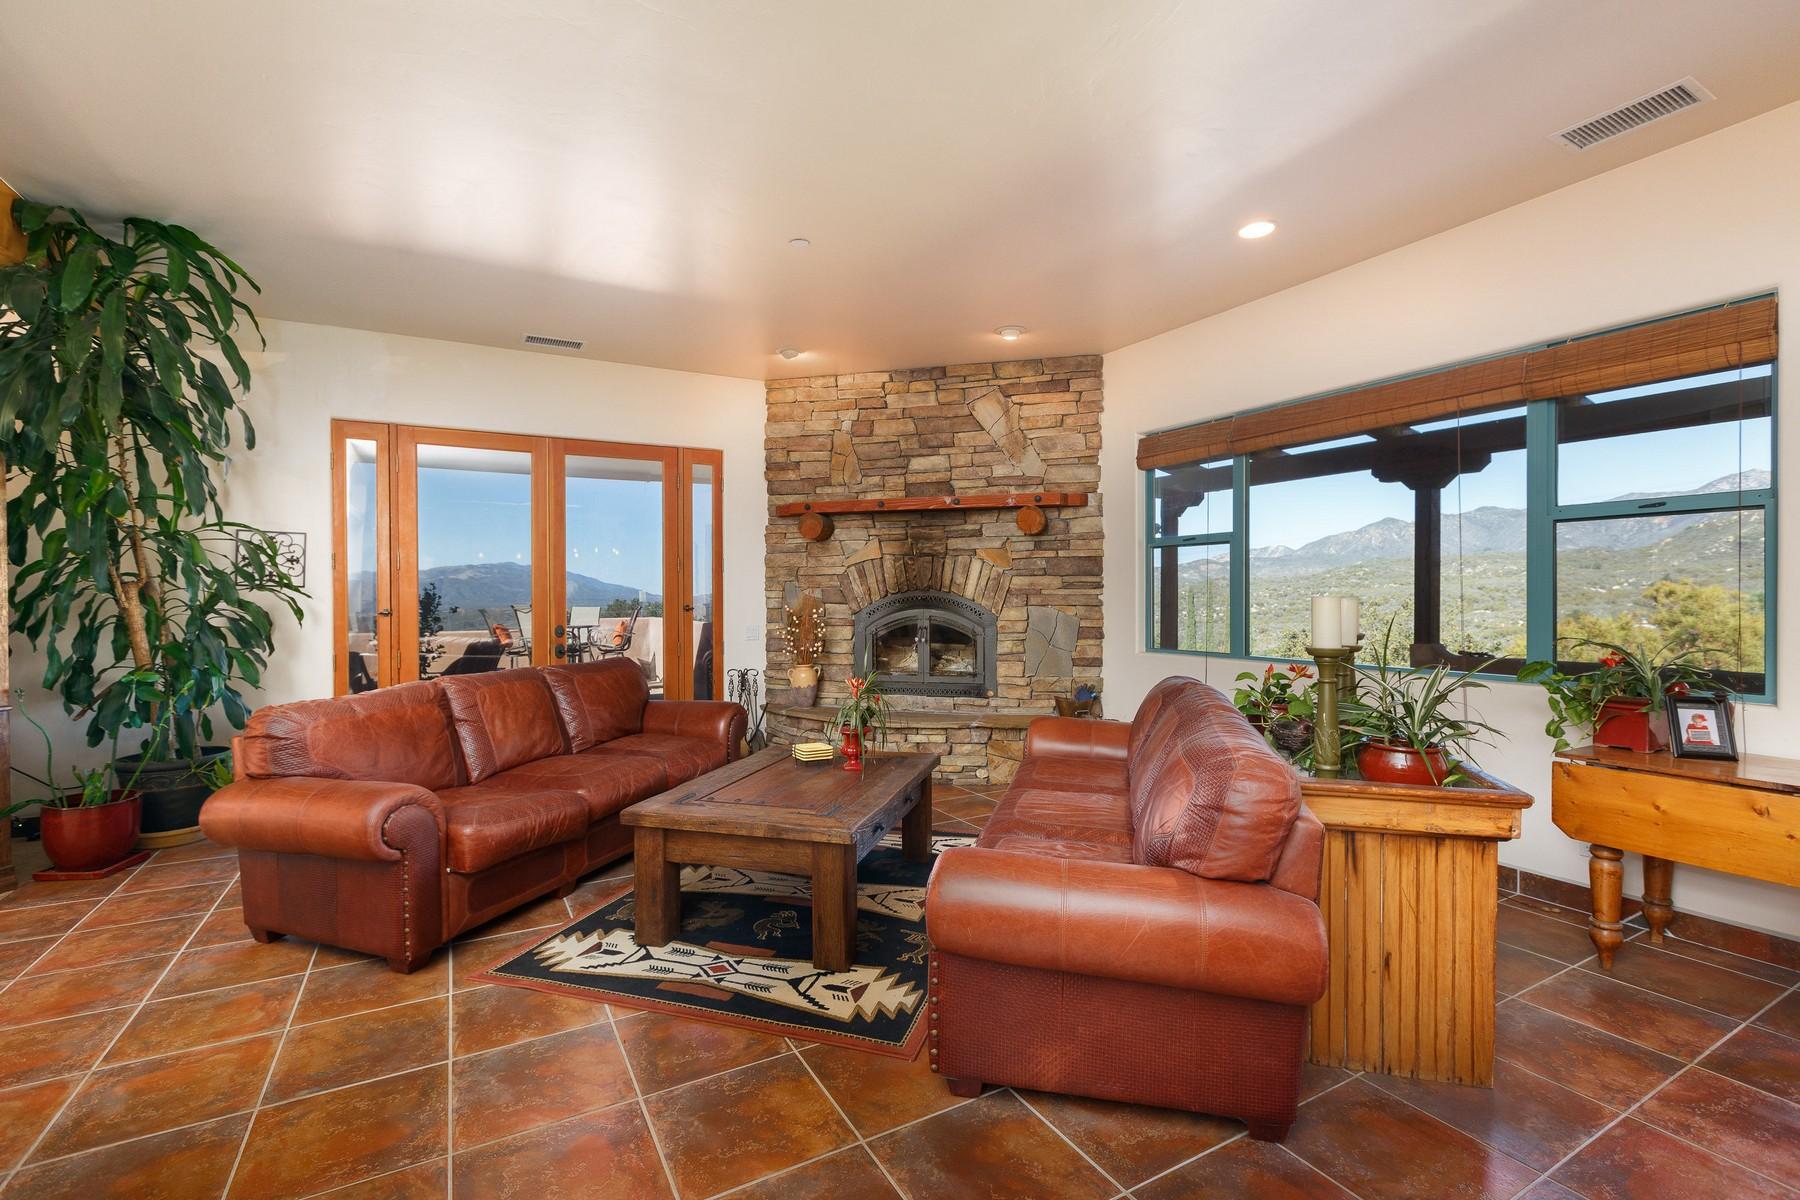 Villa per Vendita alle ore 32443 Camino San Ignacio Warner Springs, California 92086 Stati Uniti